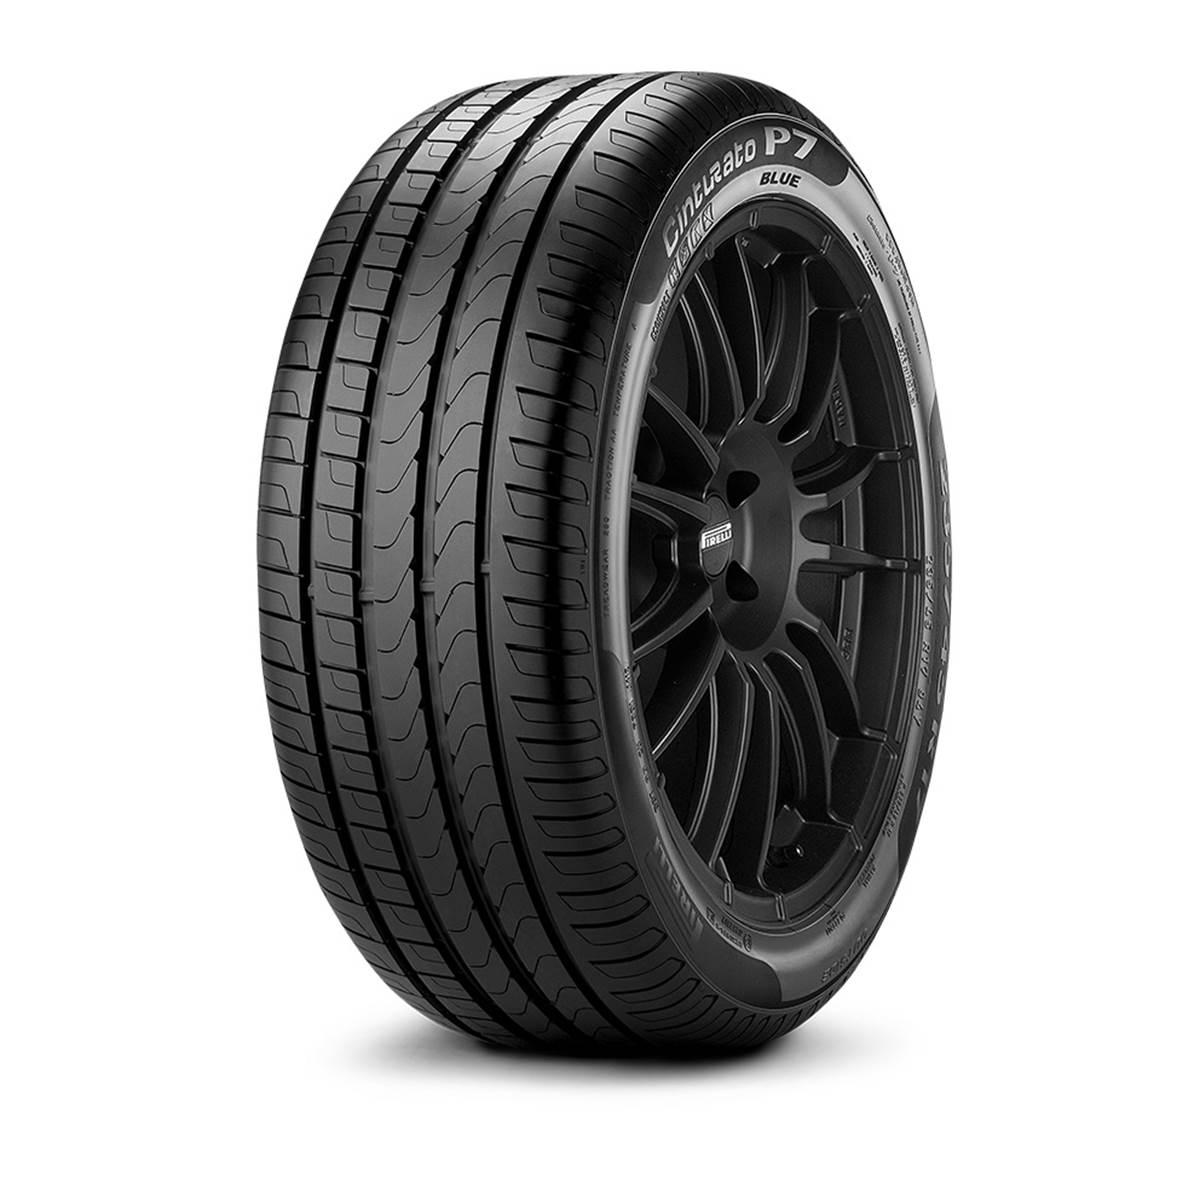 Pneu Pirelli 225/40R18 92W Cinturato P7 Blue